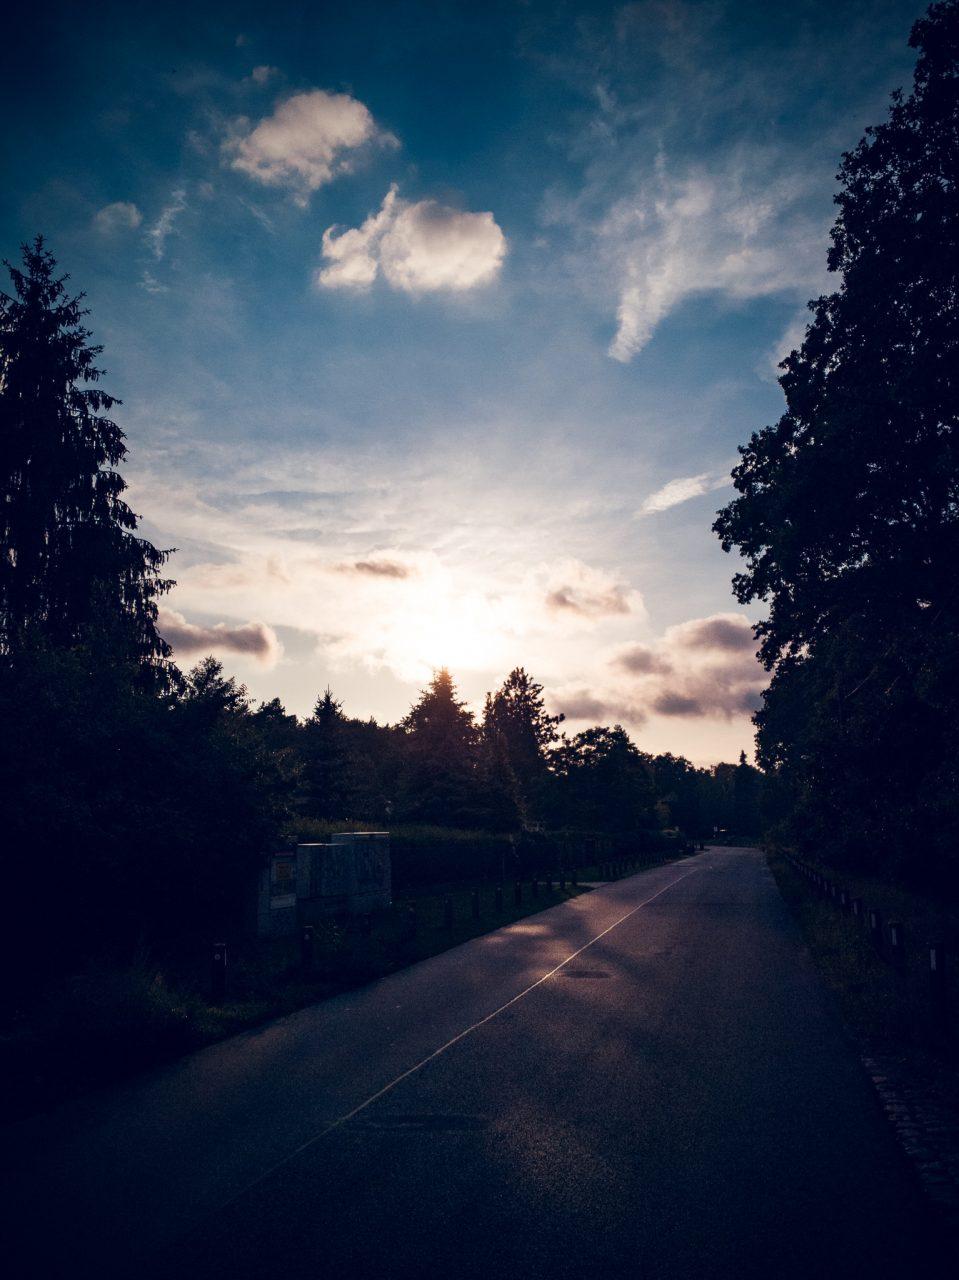 """Tag 354 - Sommerabend // """"Alles, was du in diesem Moment erfährst, was auch immer es ist, ist genau das, was Du für dein persönliches Wachstum brauchst. Vertraue darauf."""" - Yehuda Berg"""